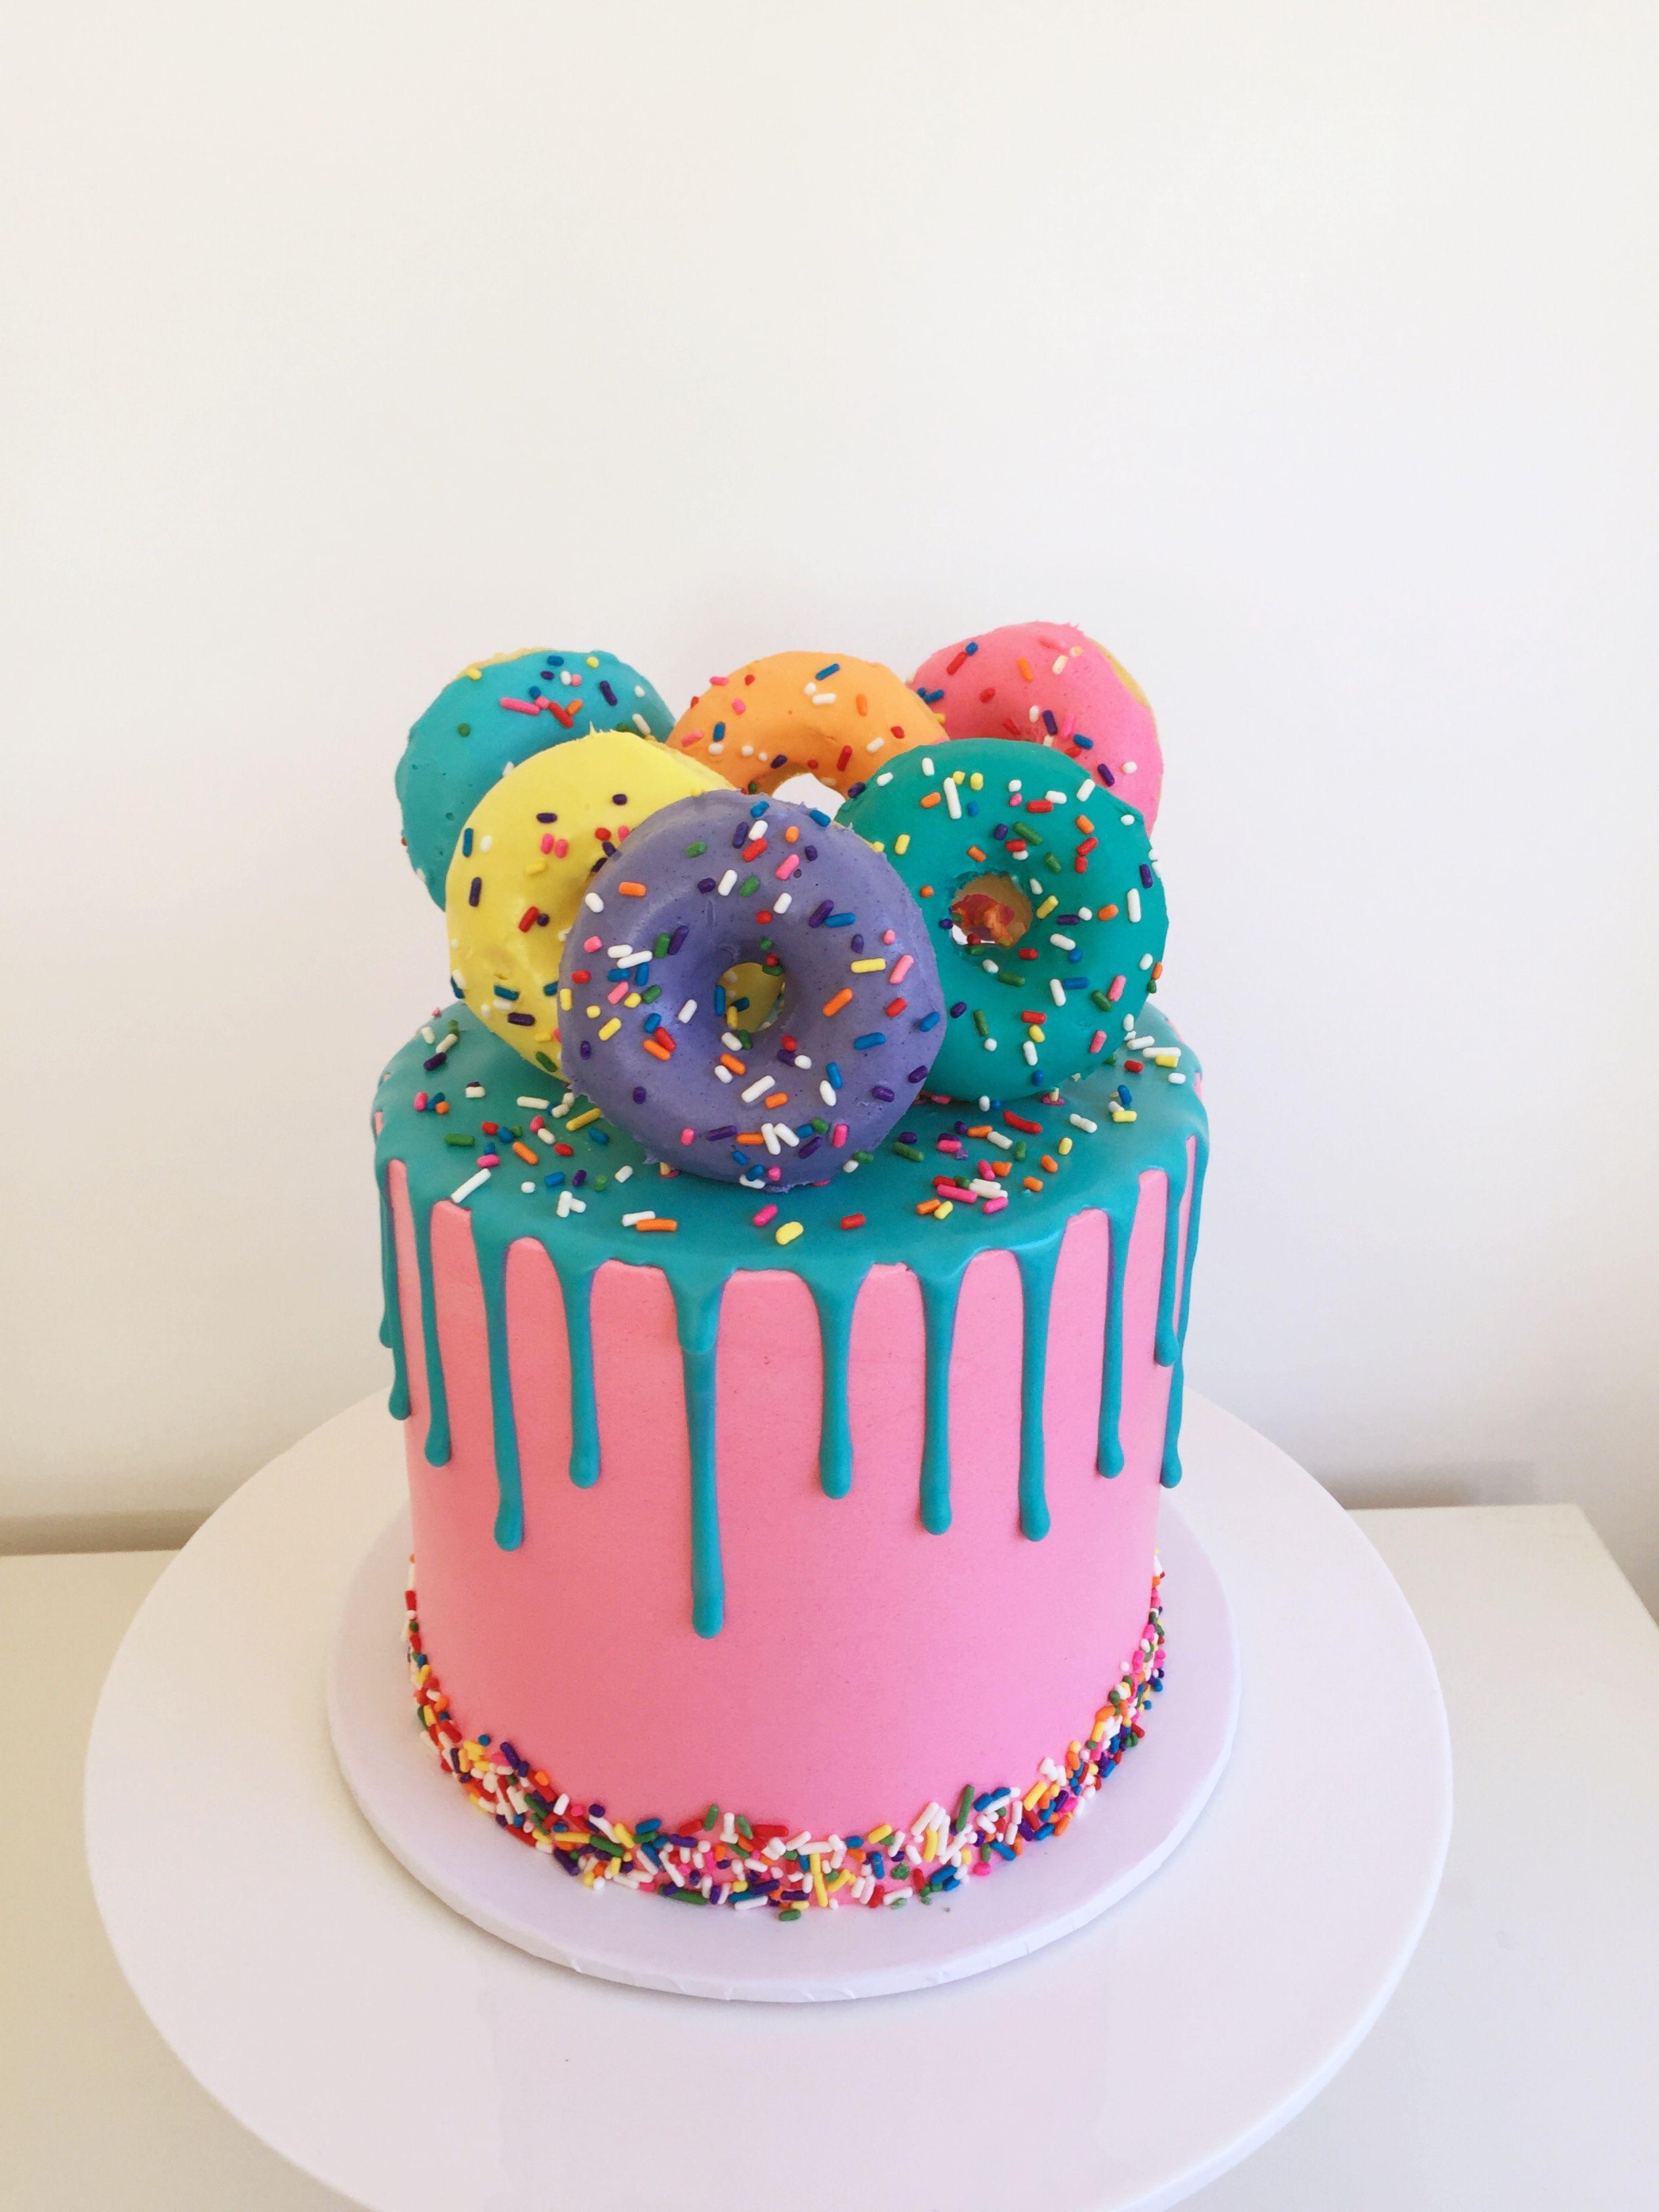 Donut Drip Cake Dripcake Swissmeringuebuttercream Mudcake Rainbowcake Girlsbirthdaycake